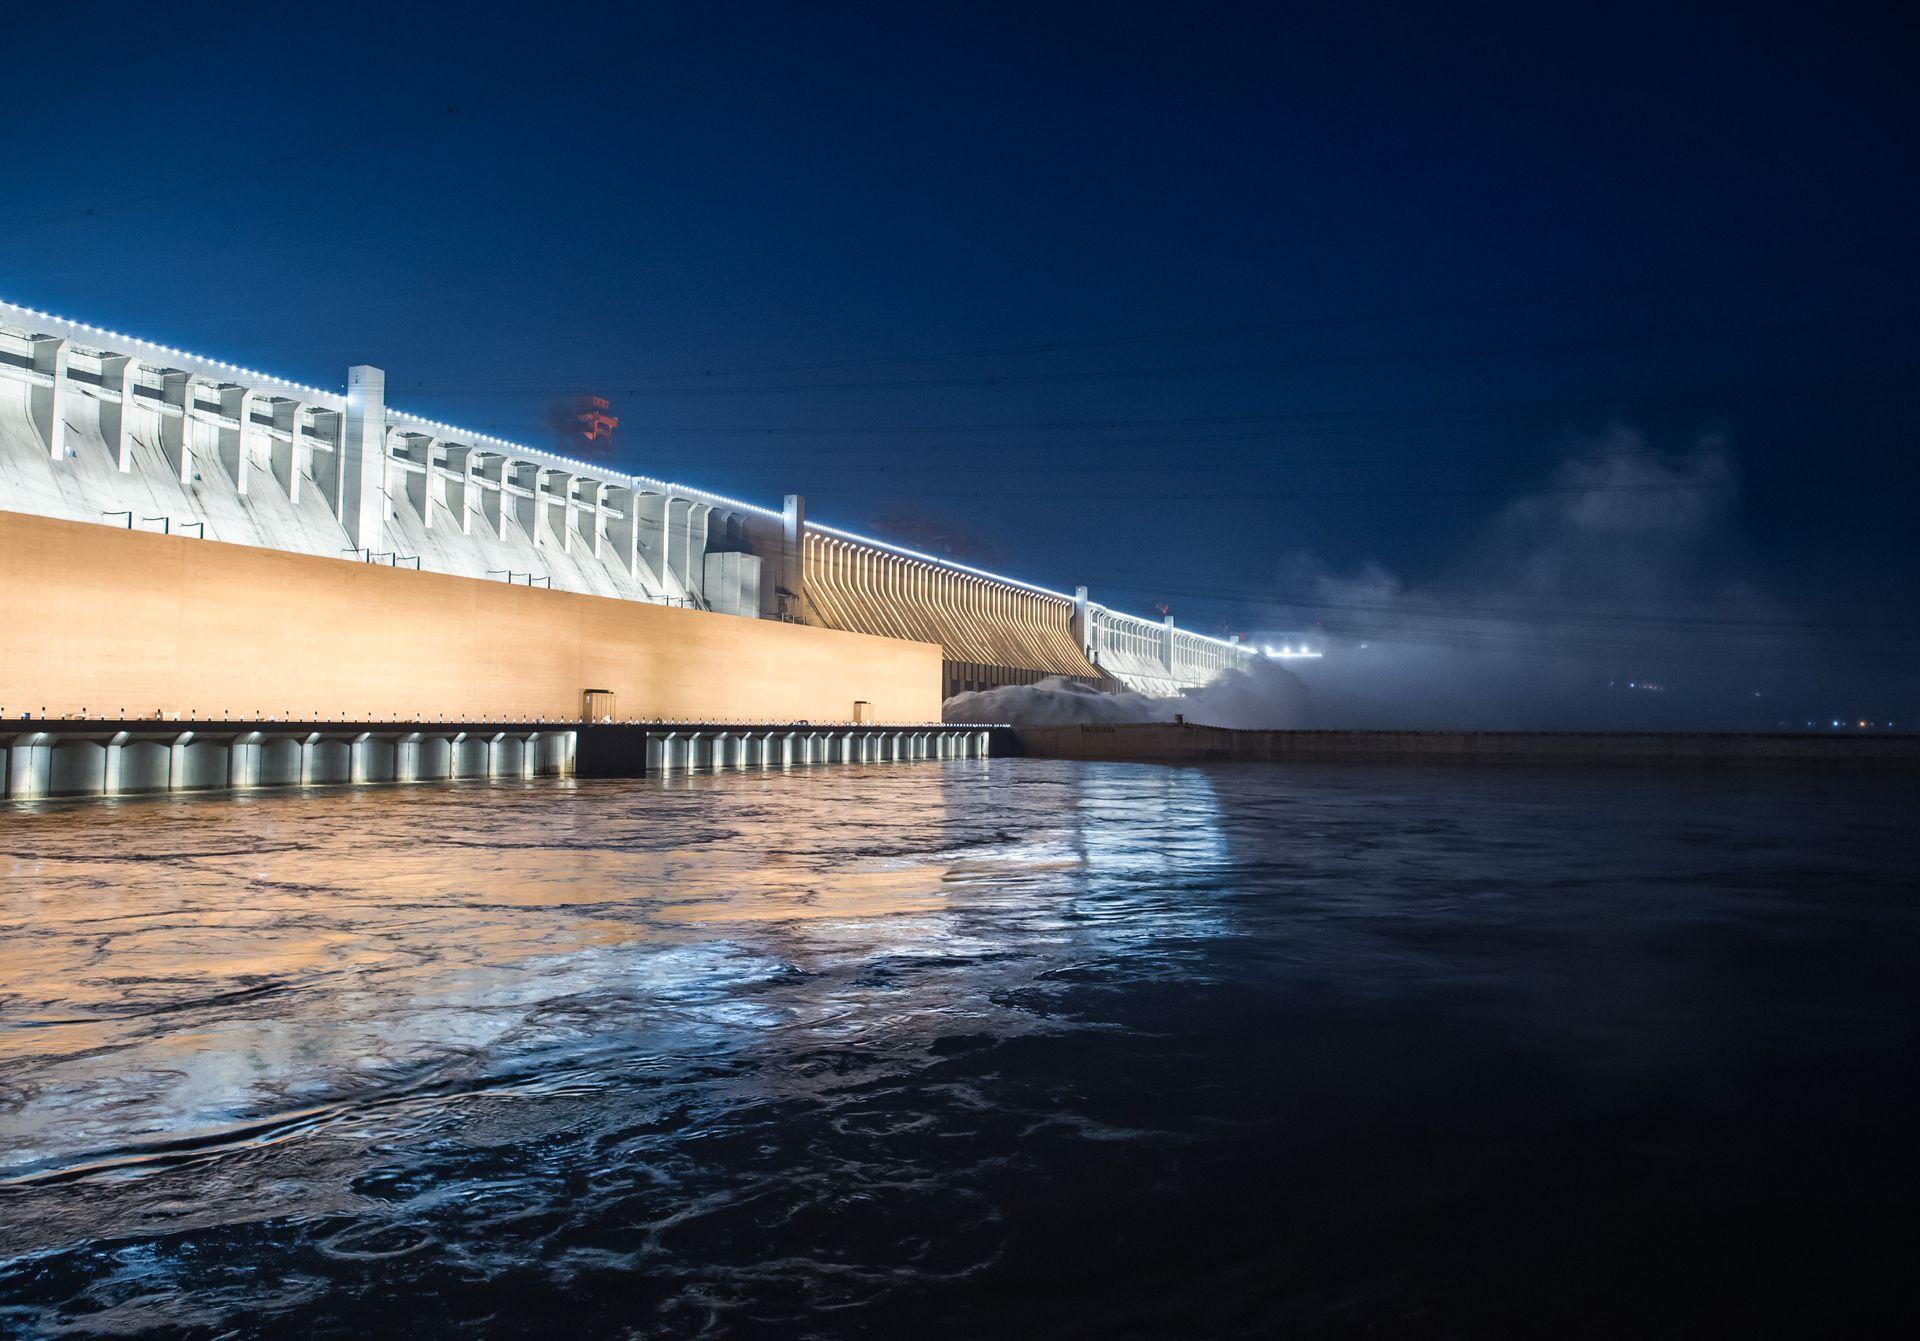 水位不断暴涨 中国院士称三峡大坝越泡水越结实